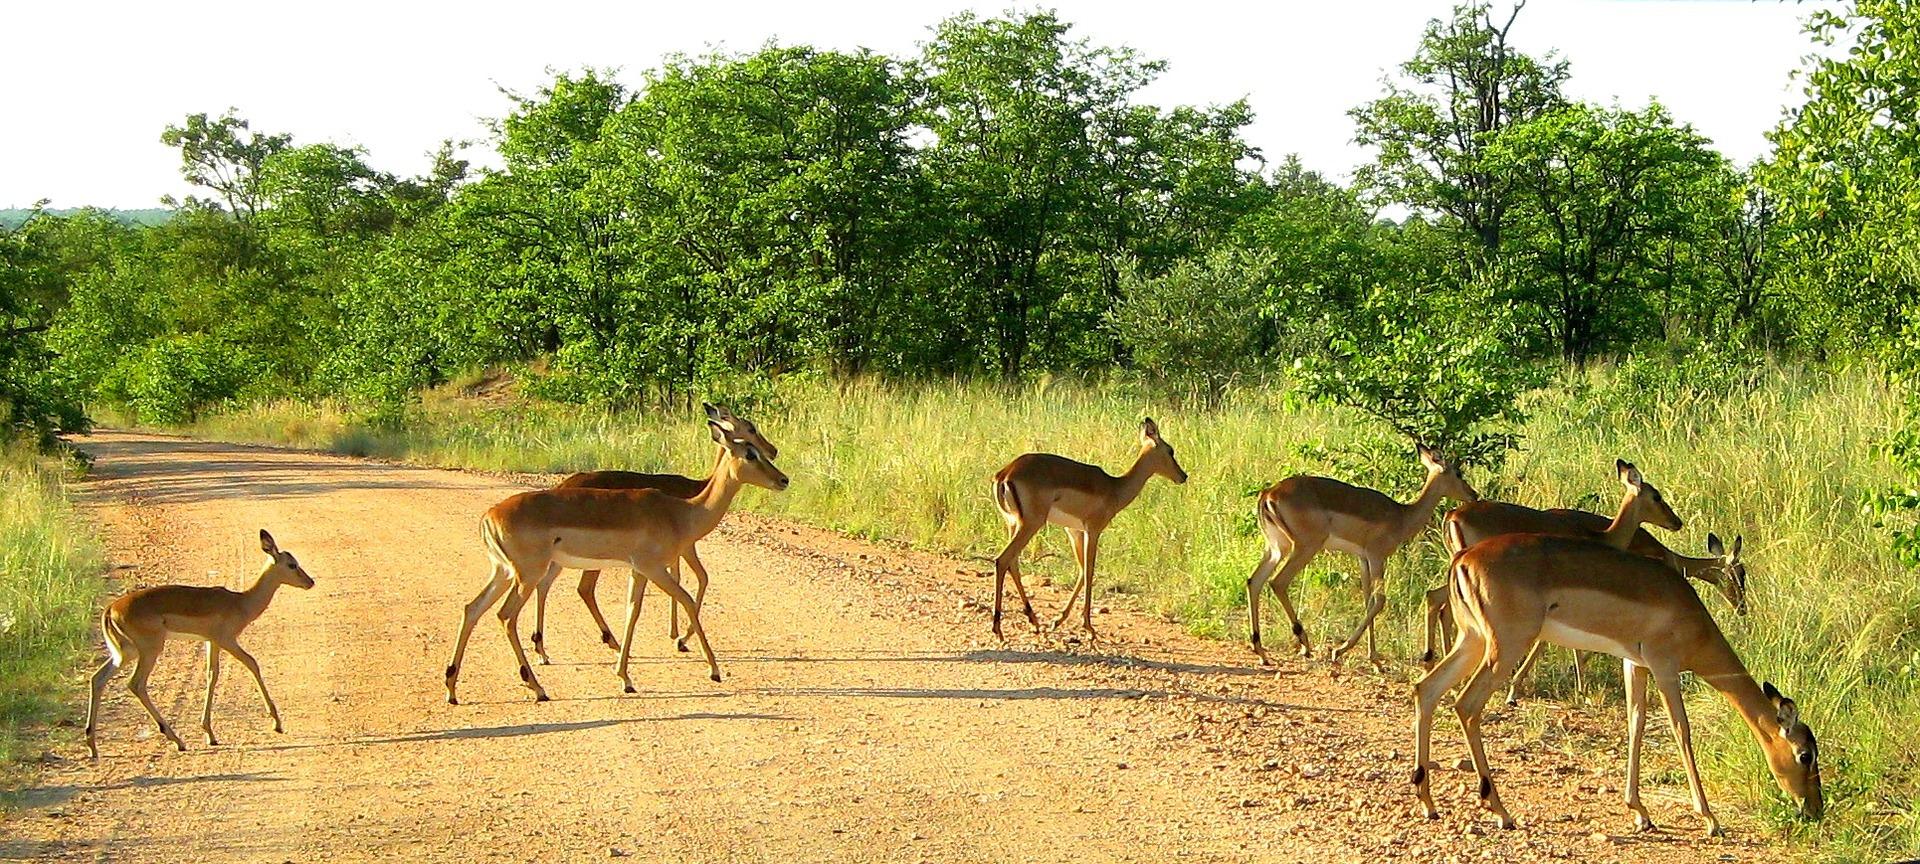 El Parque Nacional Kruger (provincias de Mpumalanga y Limpopo)